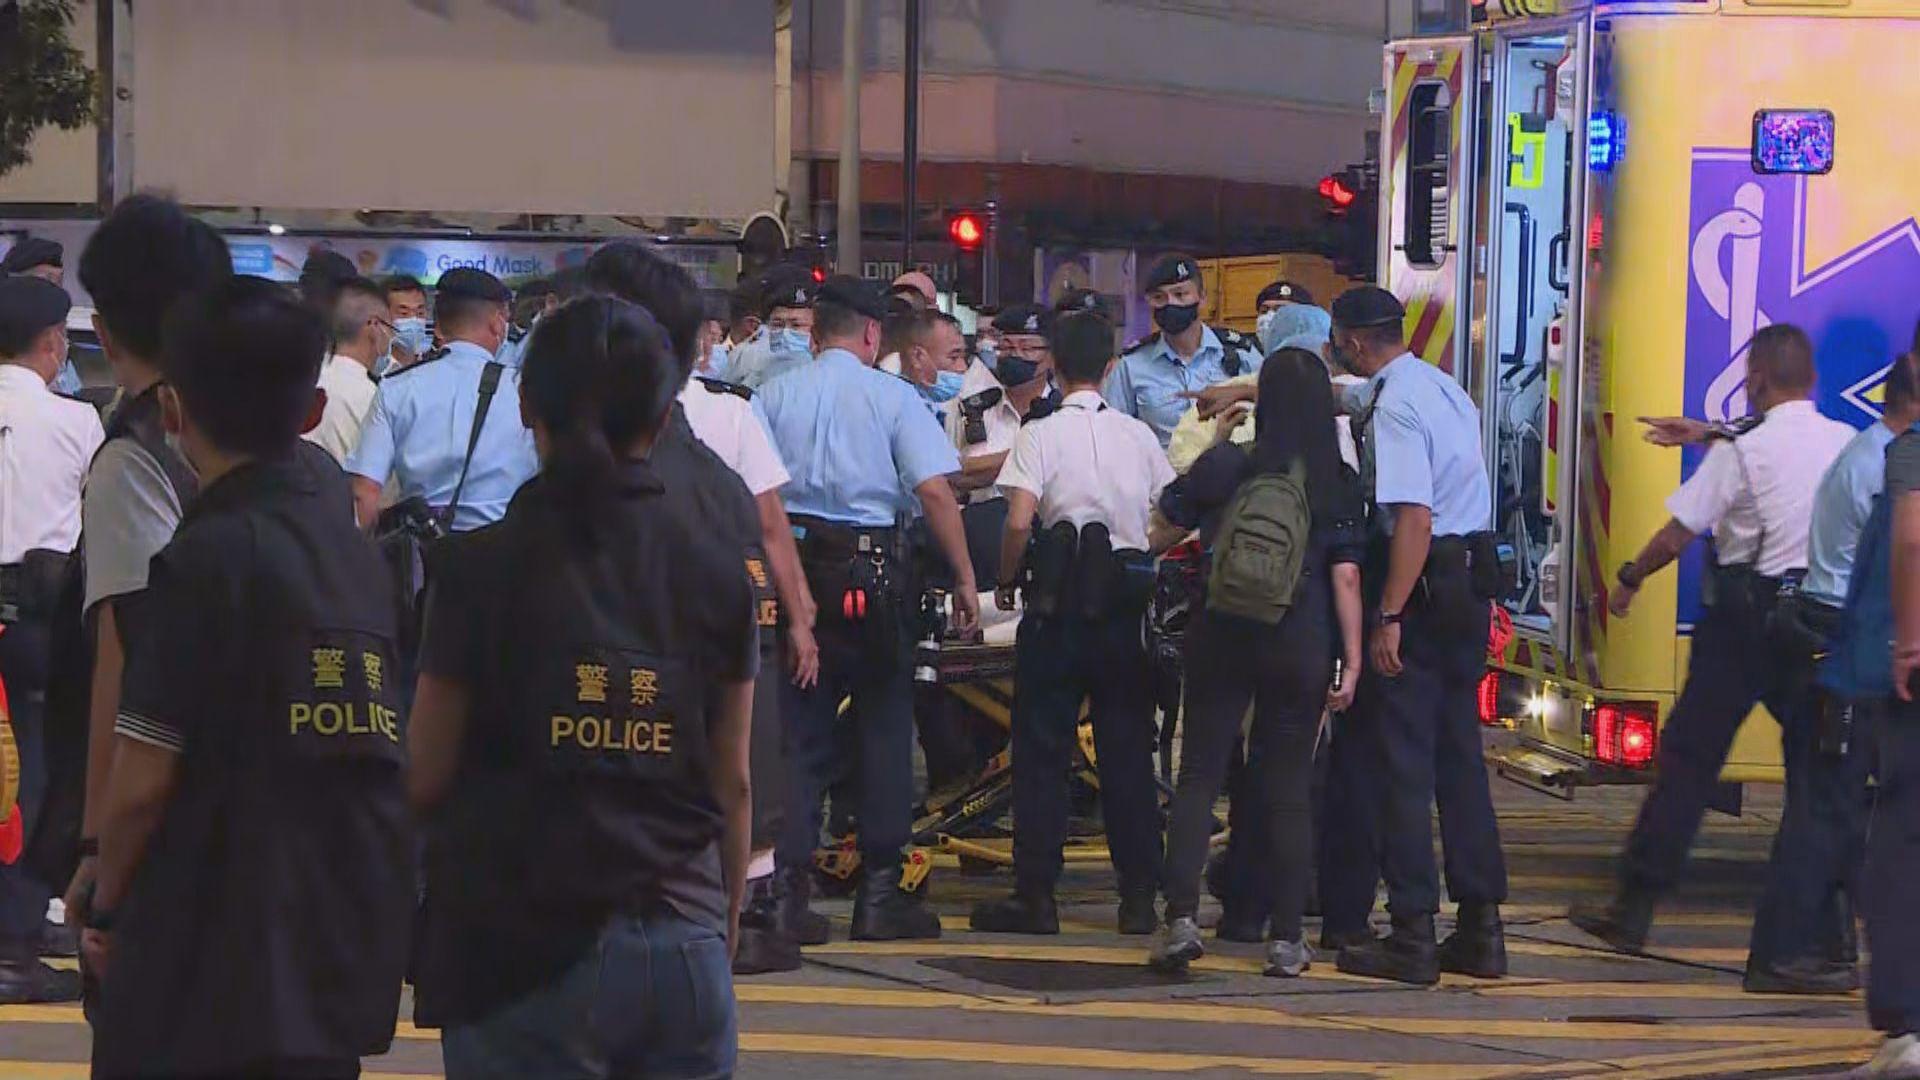 一警員銅鑼灣被刀襲擊 警方:嚴厲譴責必定追究到底